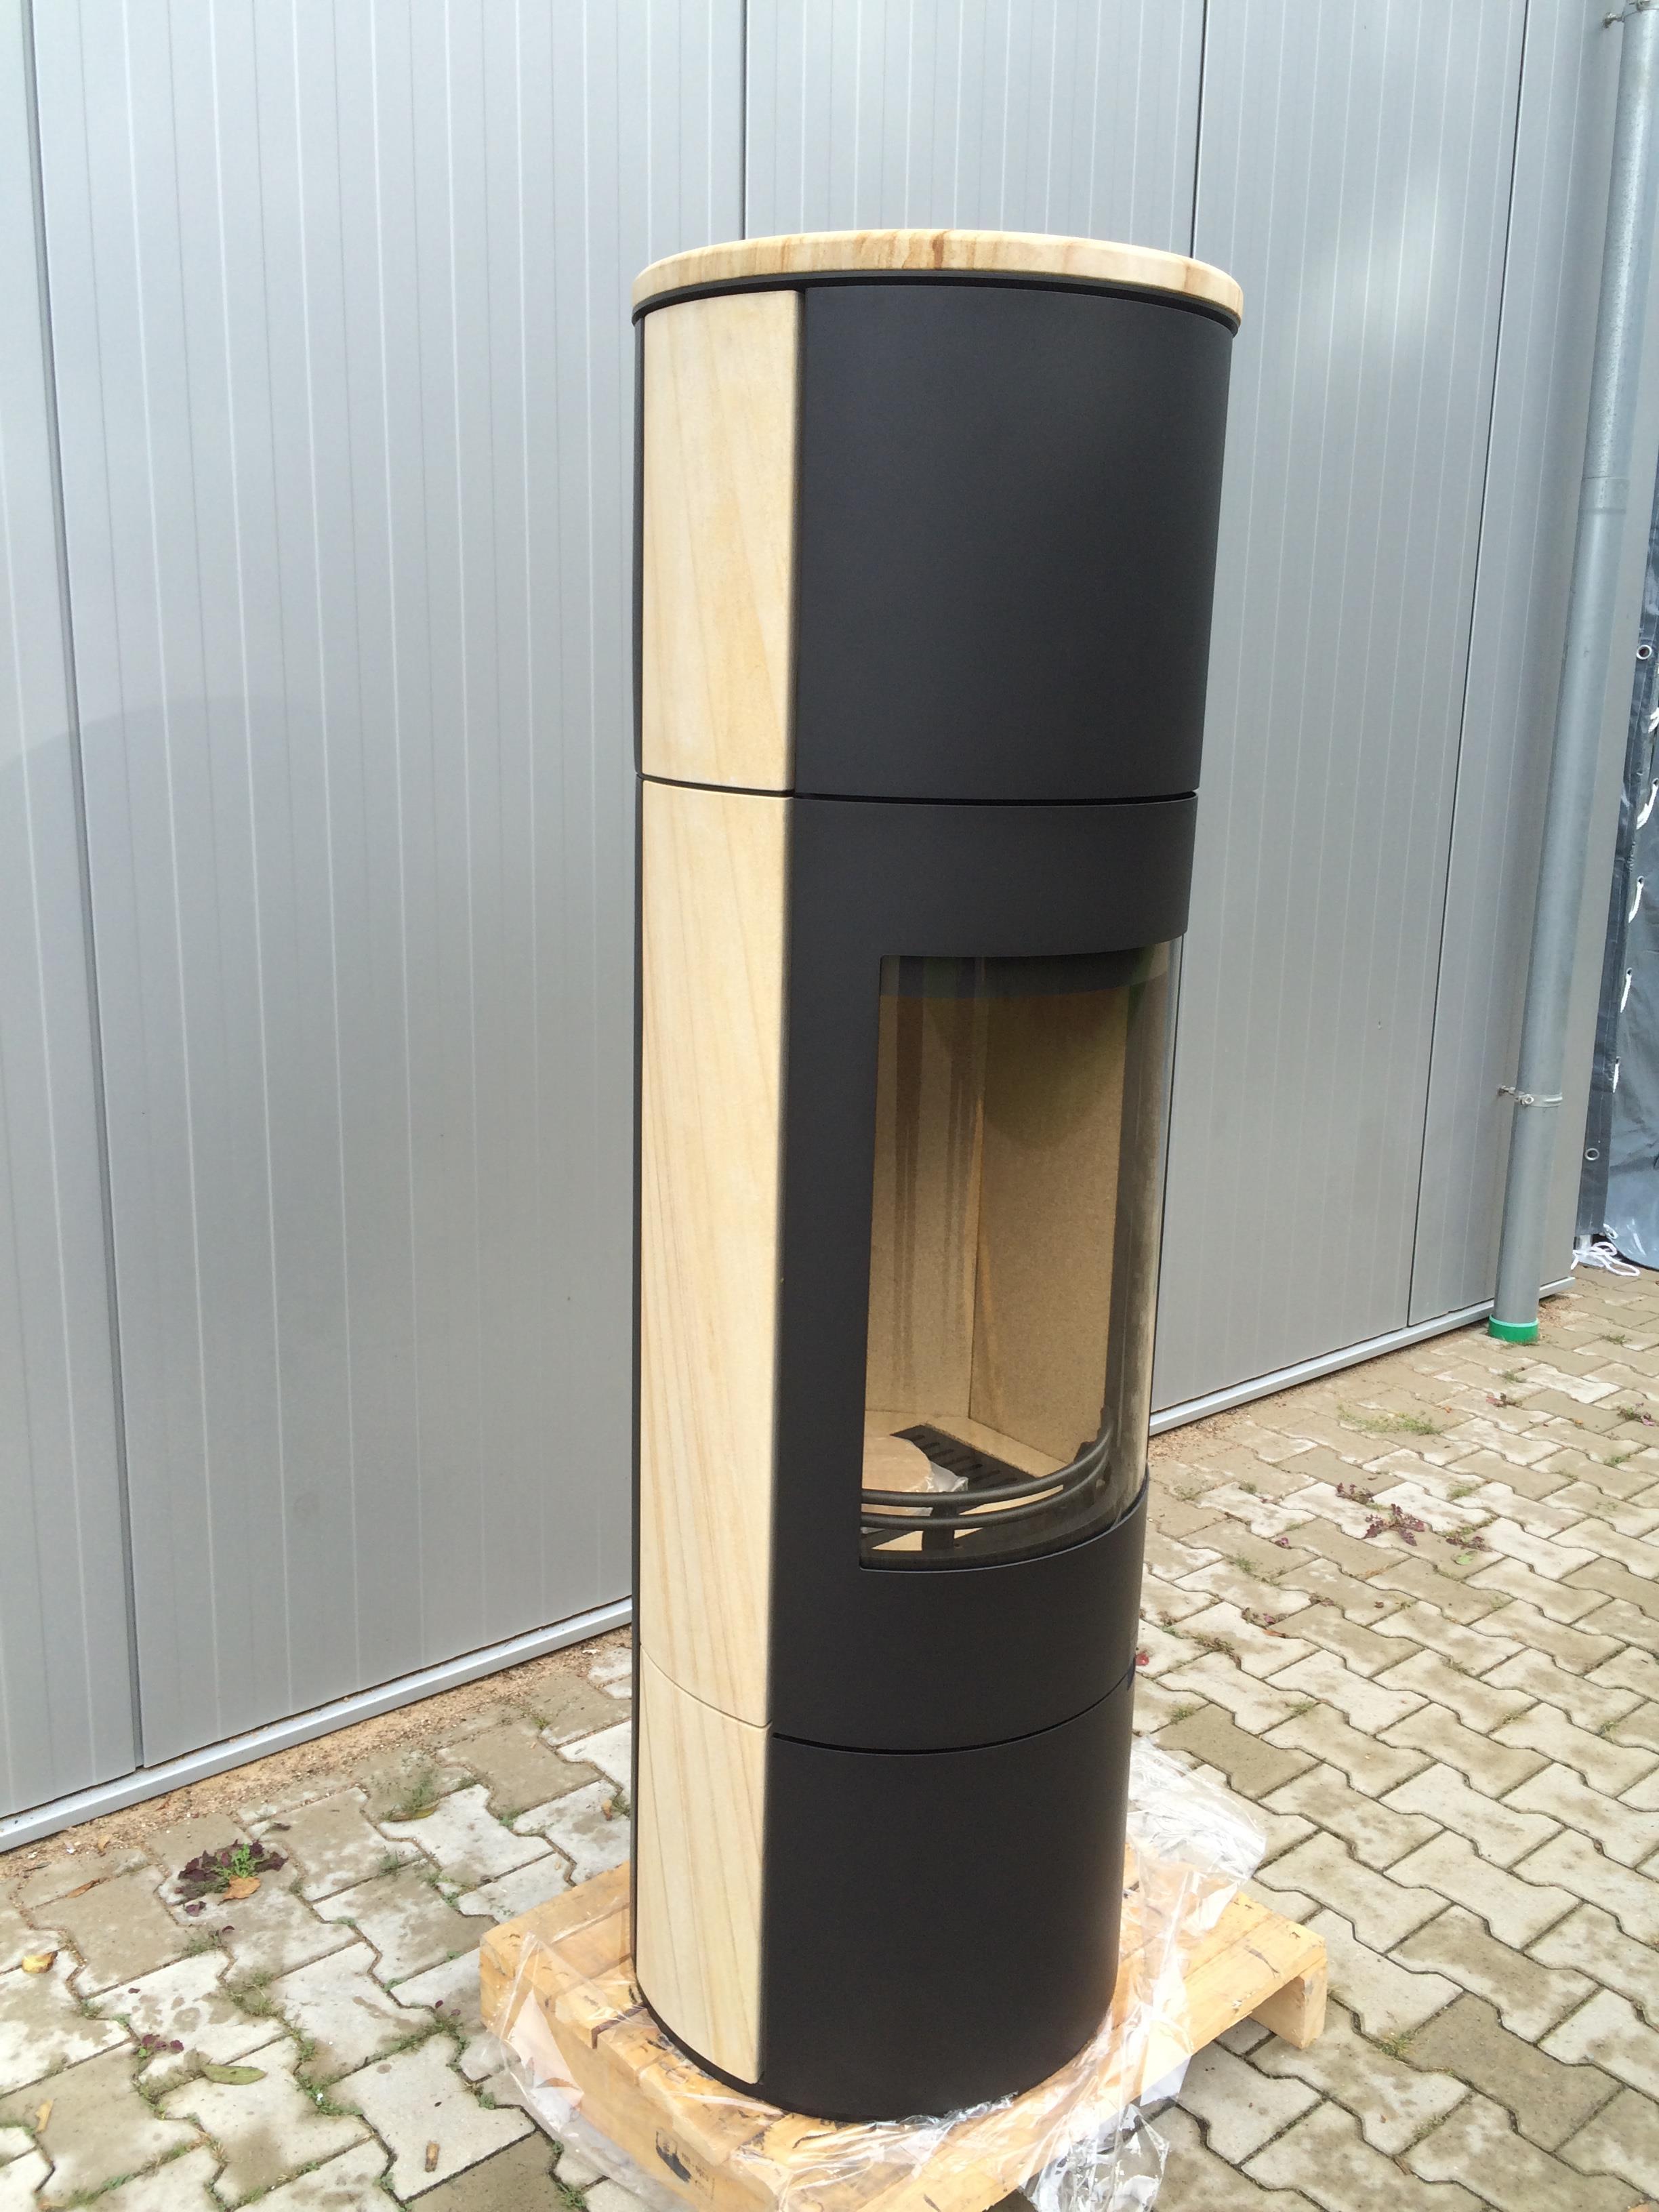 h m kaminofen evo xl sandstein schwarz 2 wahl ebay. Black Bedroom Furniture Sets. Home Design Ideas